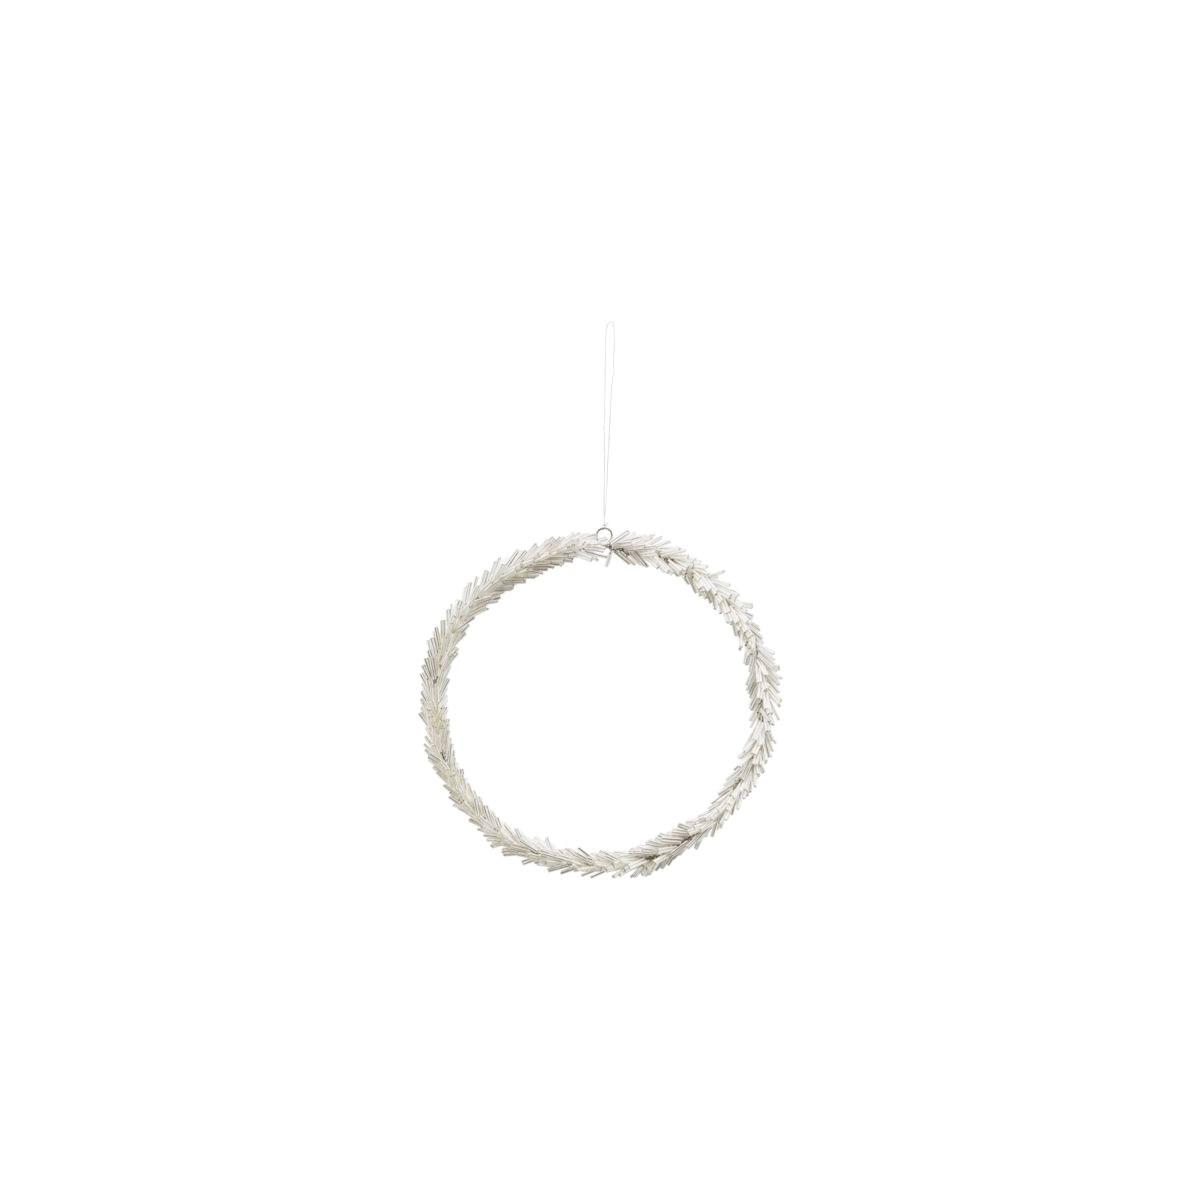 Věnec ze skleněných korálků CIRCLE P.20 cm stříbrný_0